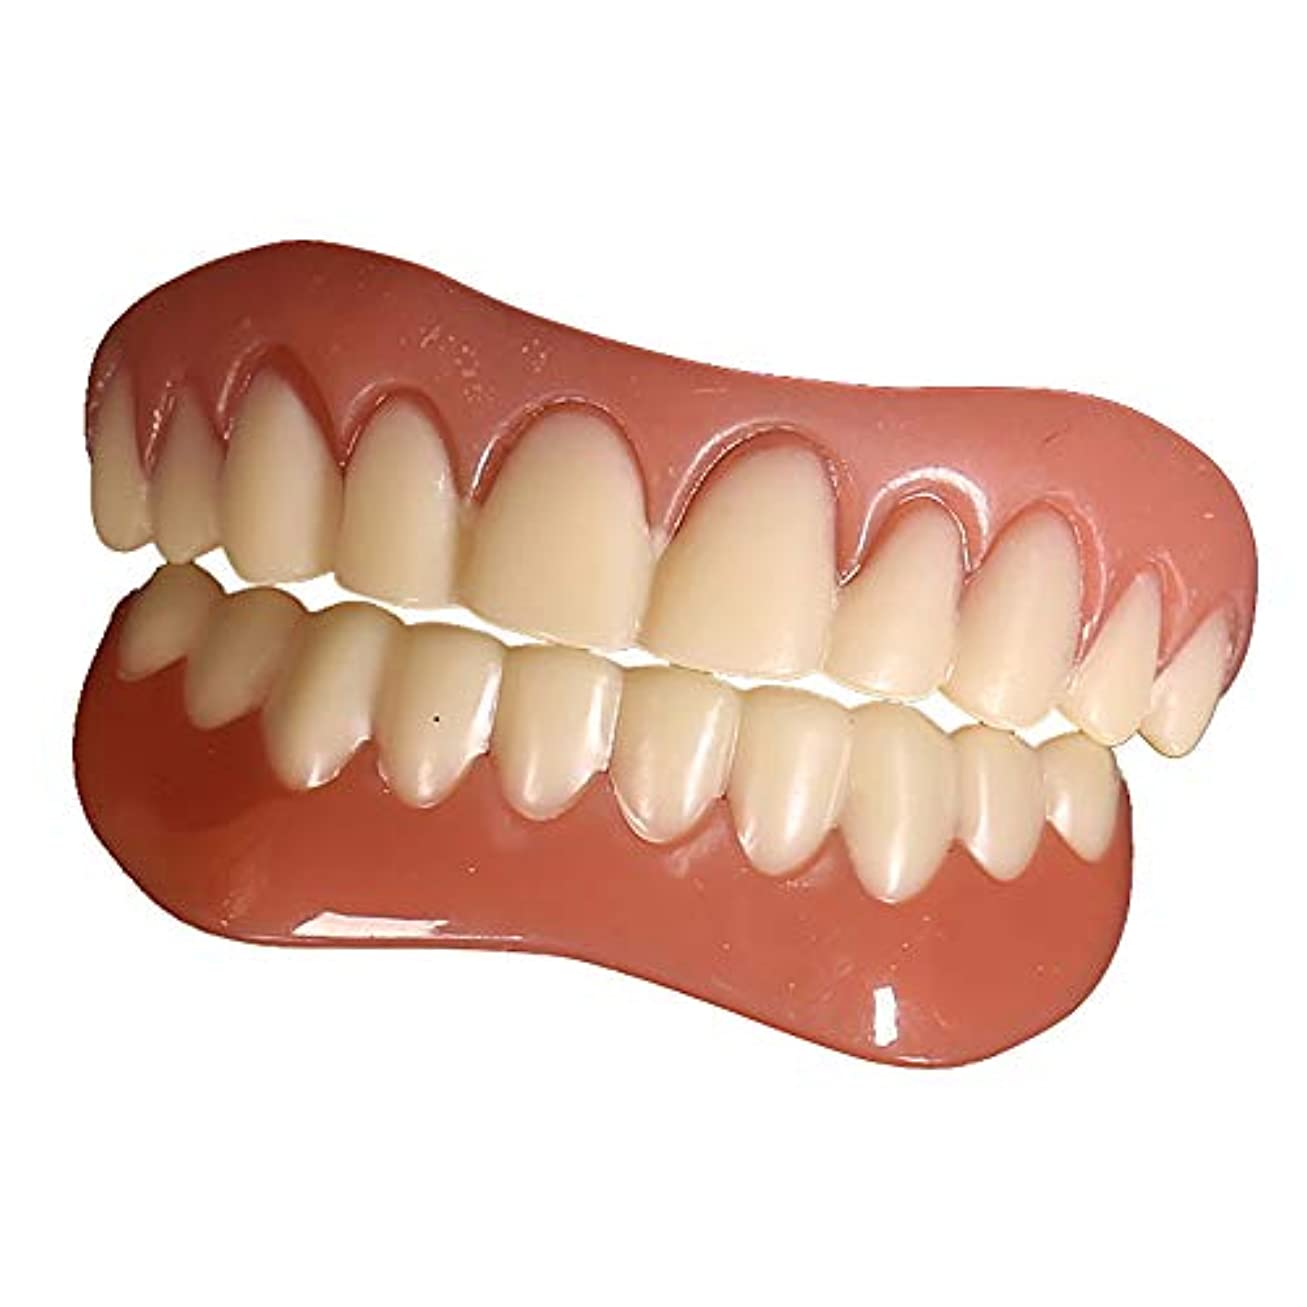 テレックス非常に怒っています絶望パーフェクトインスタントスマイルティースベニヤインスタントビューティー2本入れ歯2本下歯(フリーサイズ(中))